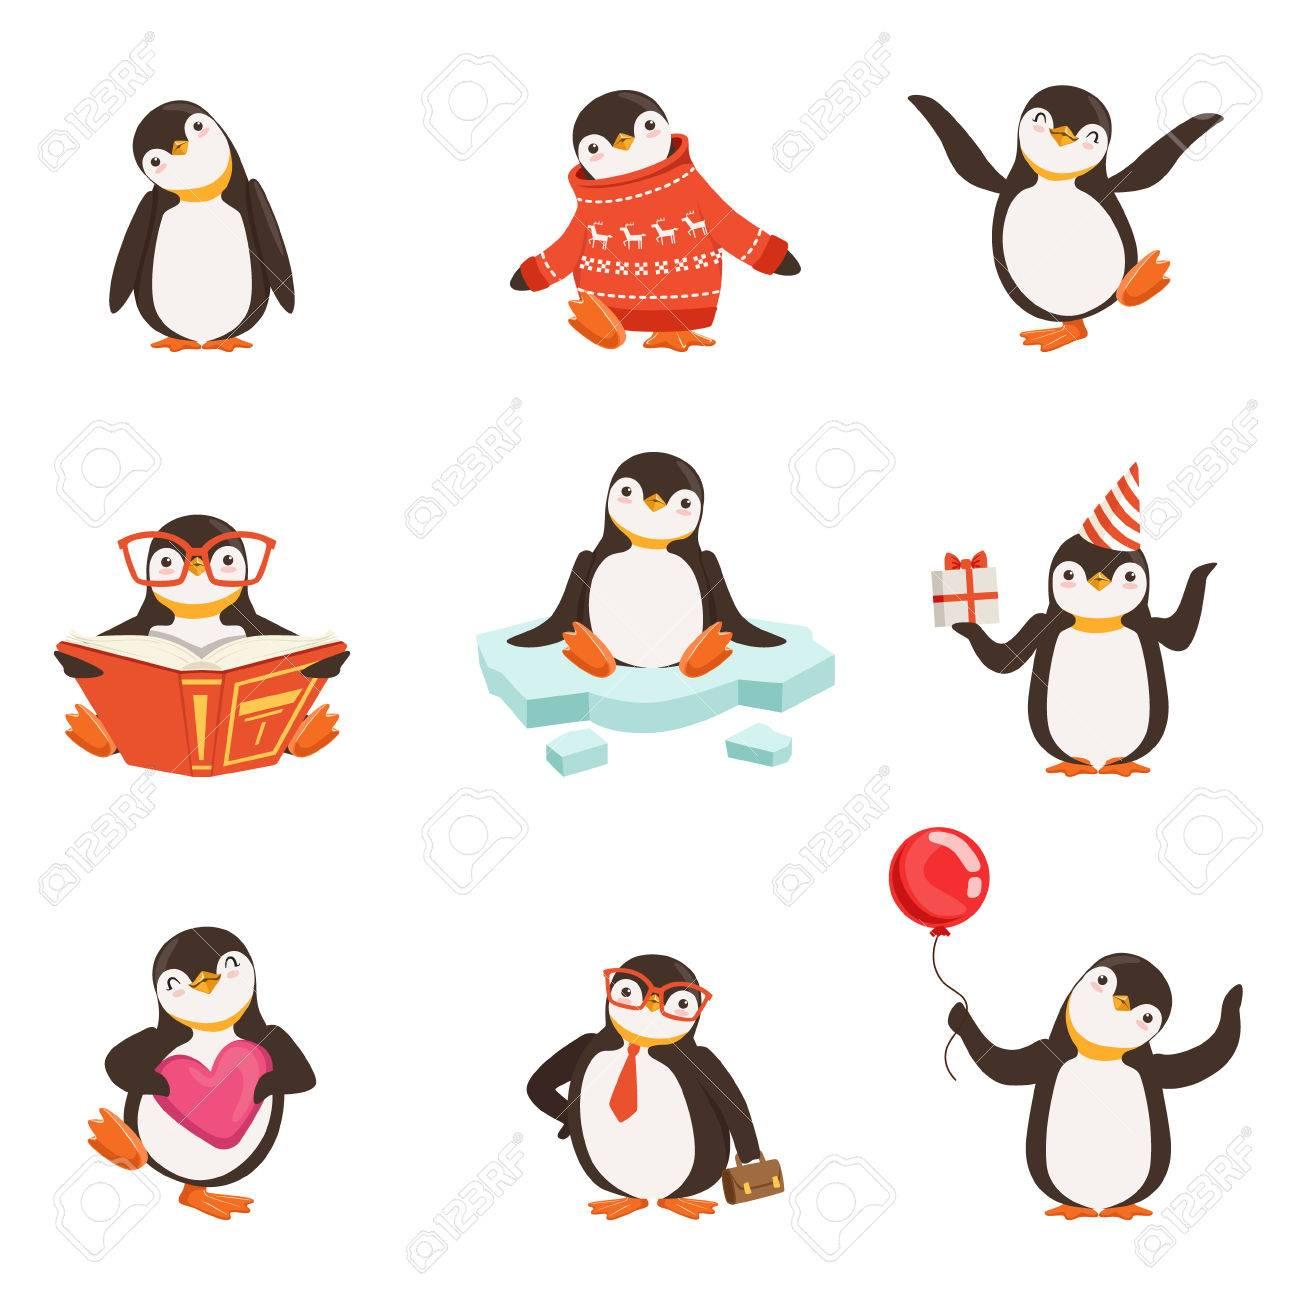 Mignon Petit Personnage De Dessin Animé De Pingouin Mis Pour La